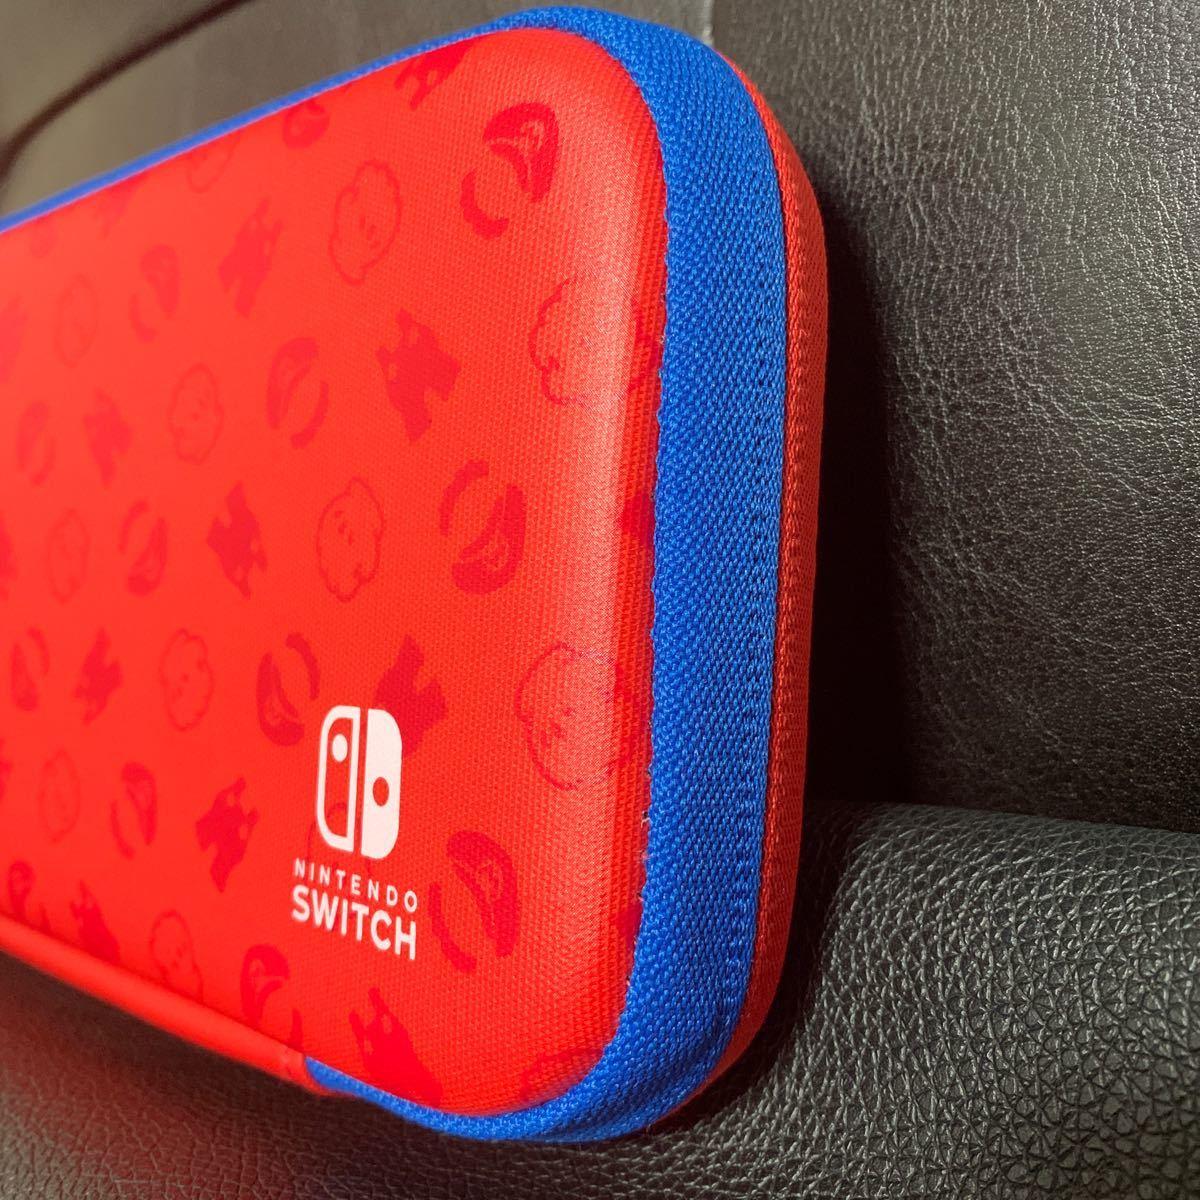 ニンテンドースイッチ マリオキャリングケース  Nintendo Switch 収納ケース マリオレッド×ブルーエディション